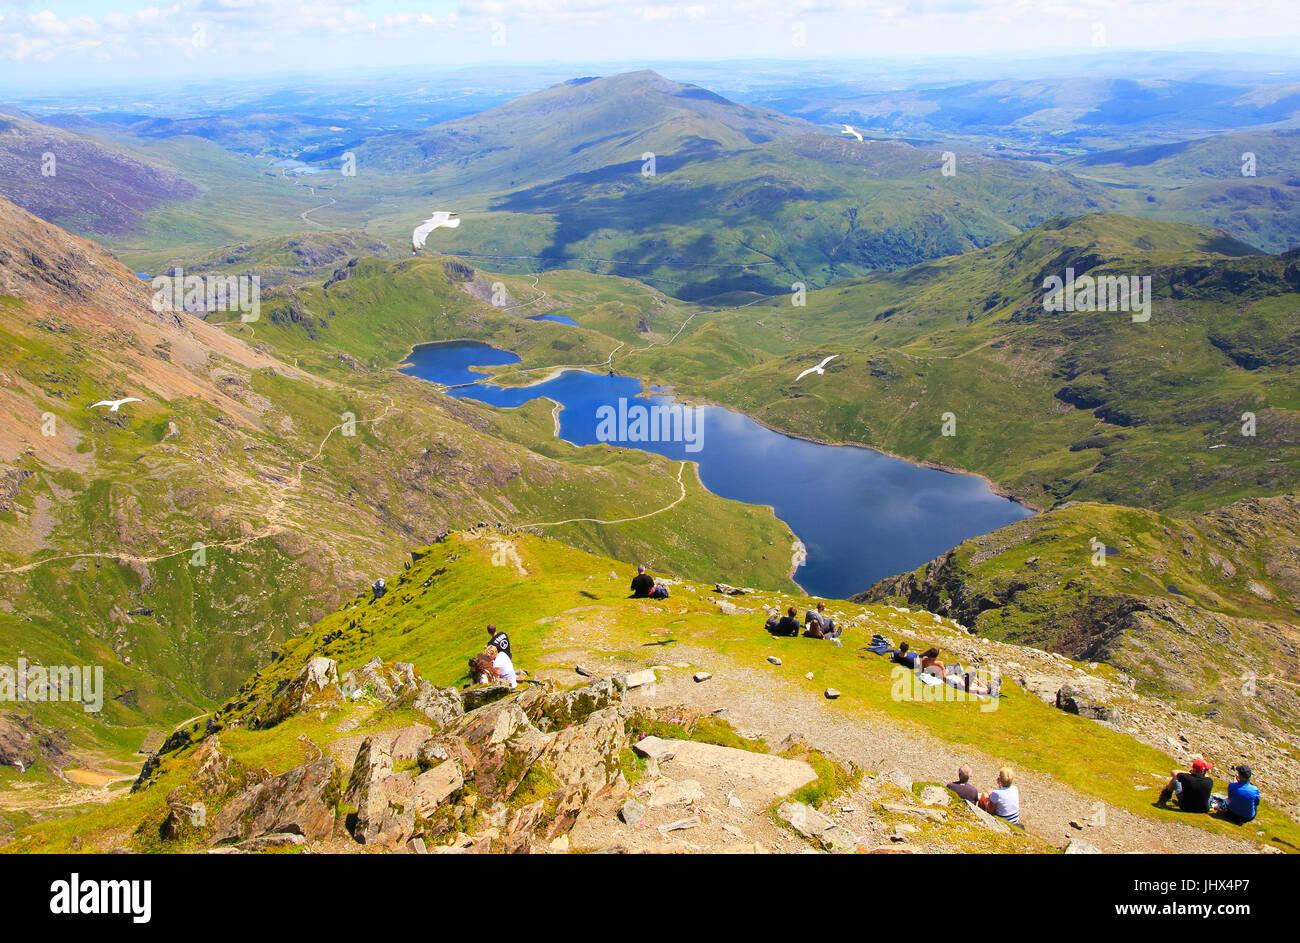 Walkers picnicking Lyyn Llydaw landscape, Mount Snowdon, Gwynedd, Snowdonia, north Wales, UK - Stock Image